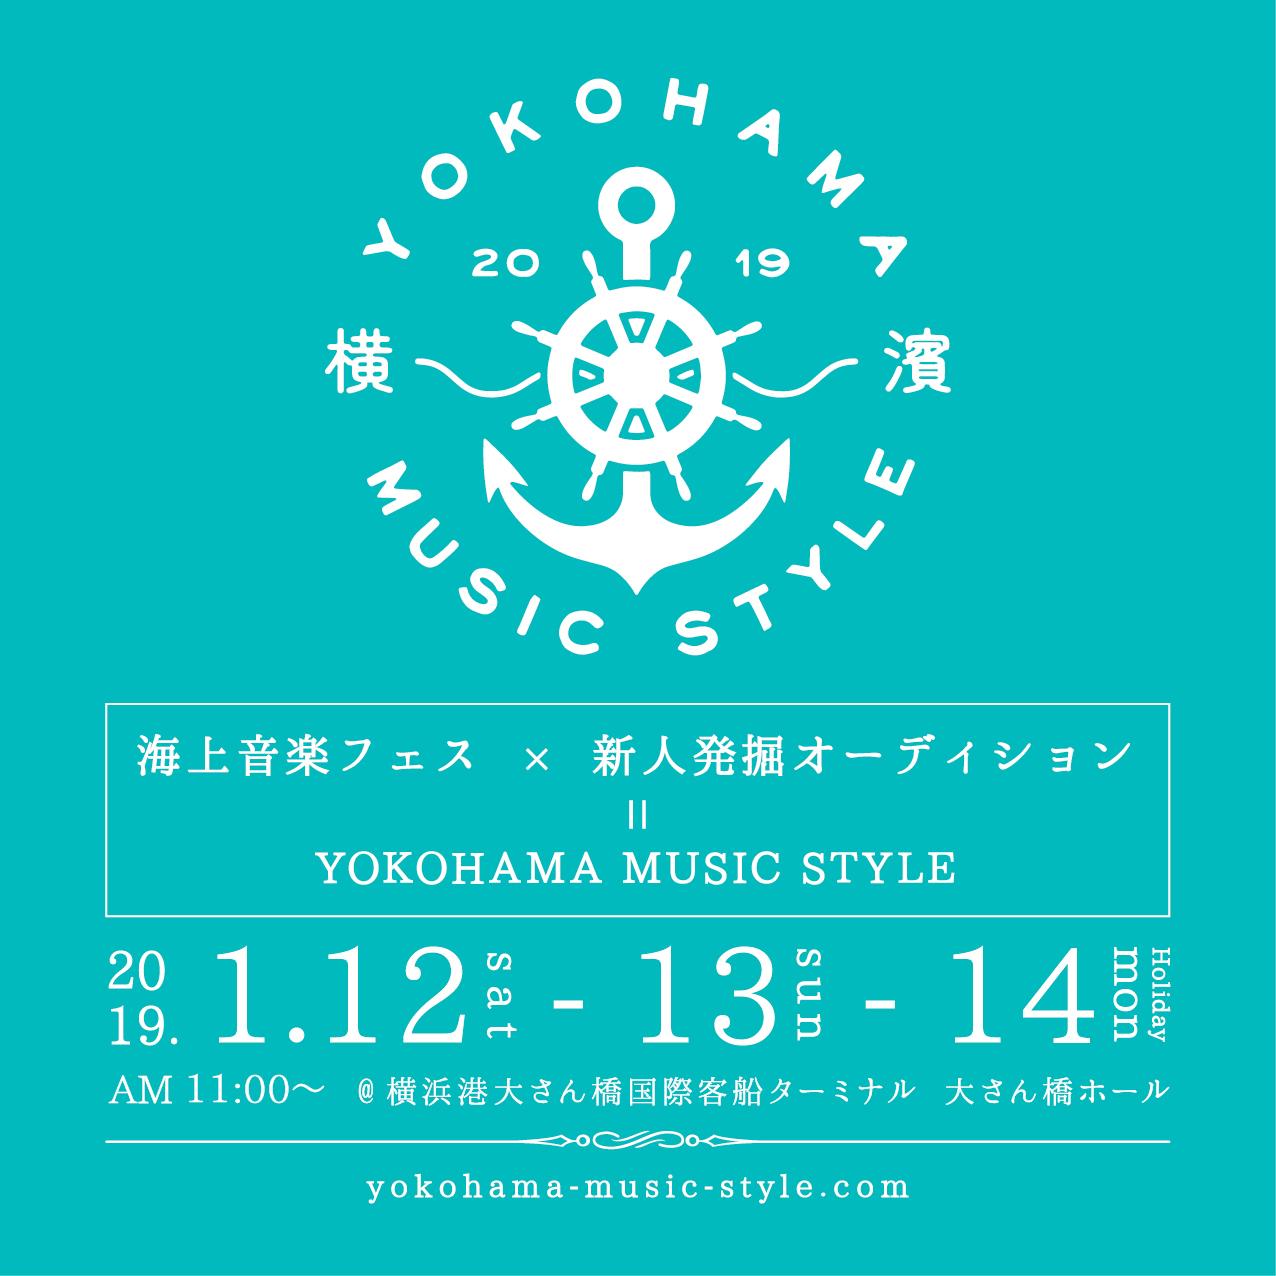 海上音楽フェス×新人発掘オーディション!今までにない音楽イベント「YOKOHAMA MUSIC STYLE」応援団募集キャンペーン!!